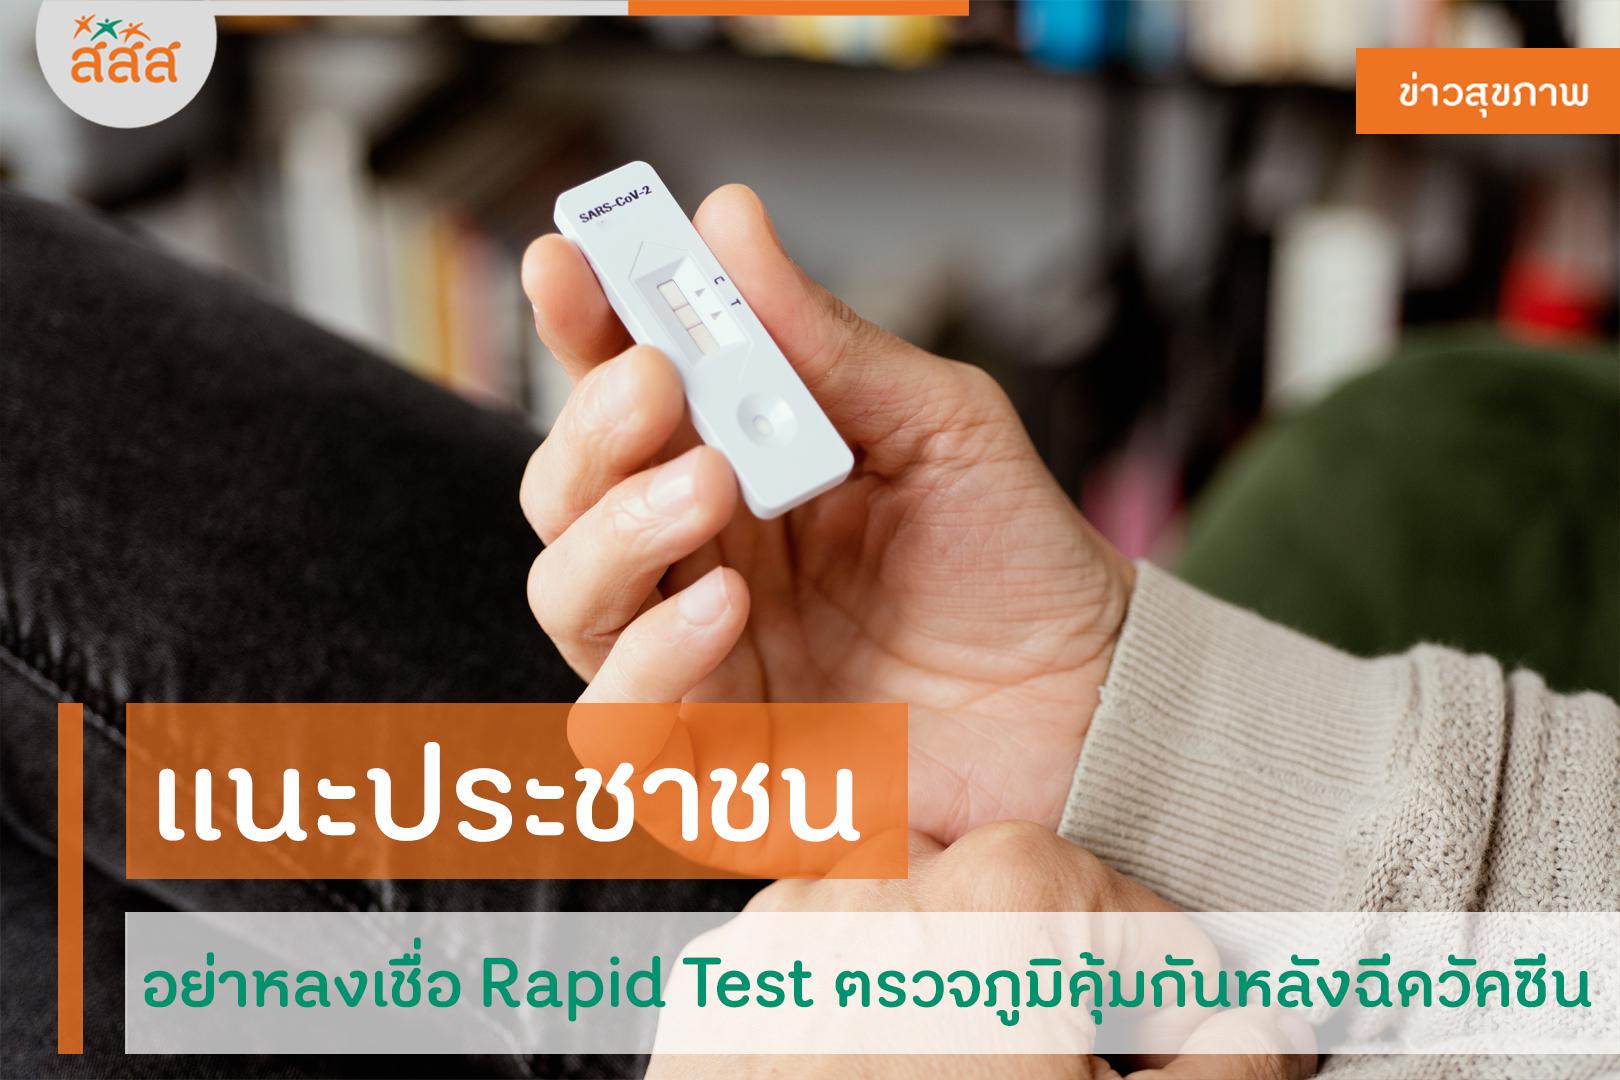 แนะประชาชนอย่าหลงเชื่อ Rapid Test ตรวจภูมิคุ้มกันหลังฉีดวัคซีน thaihealth